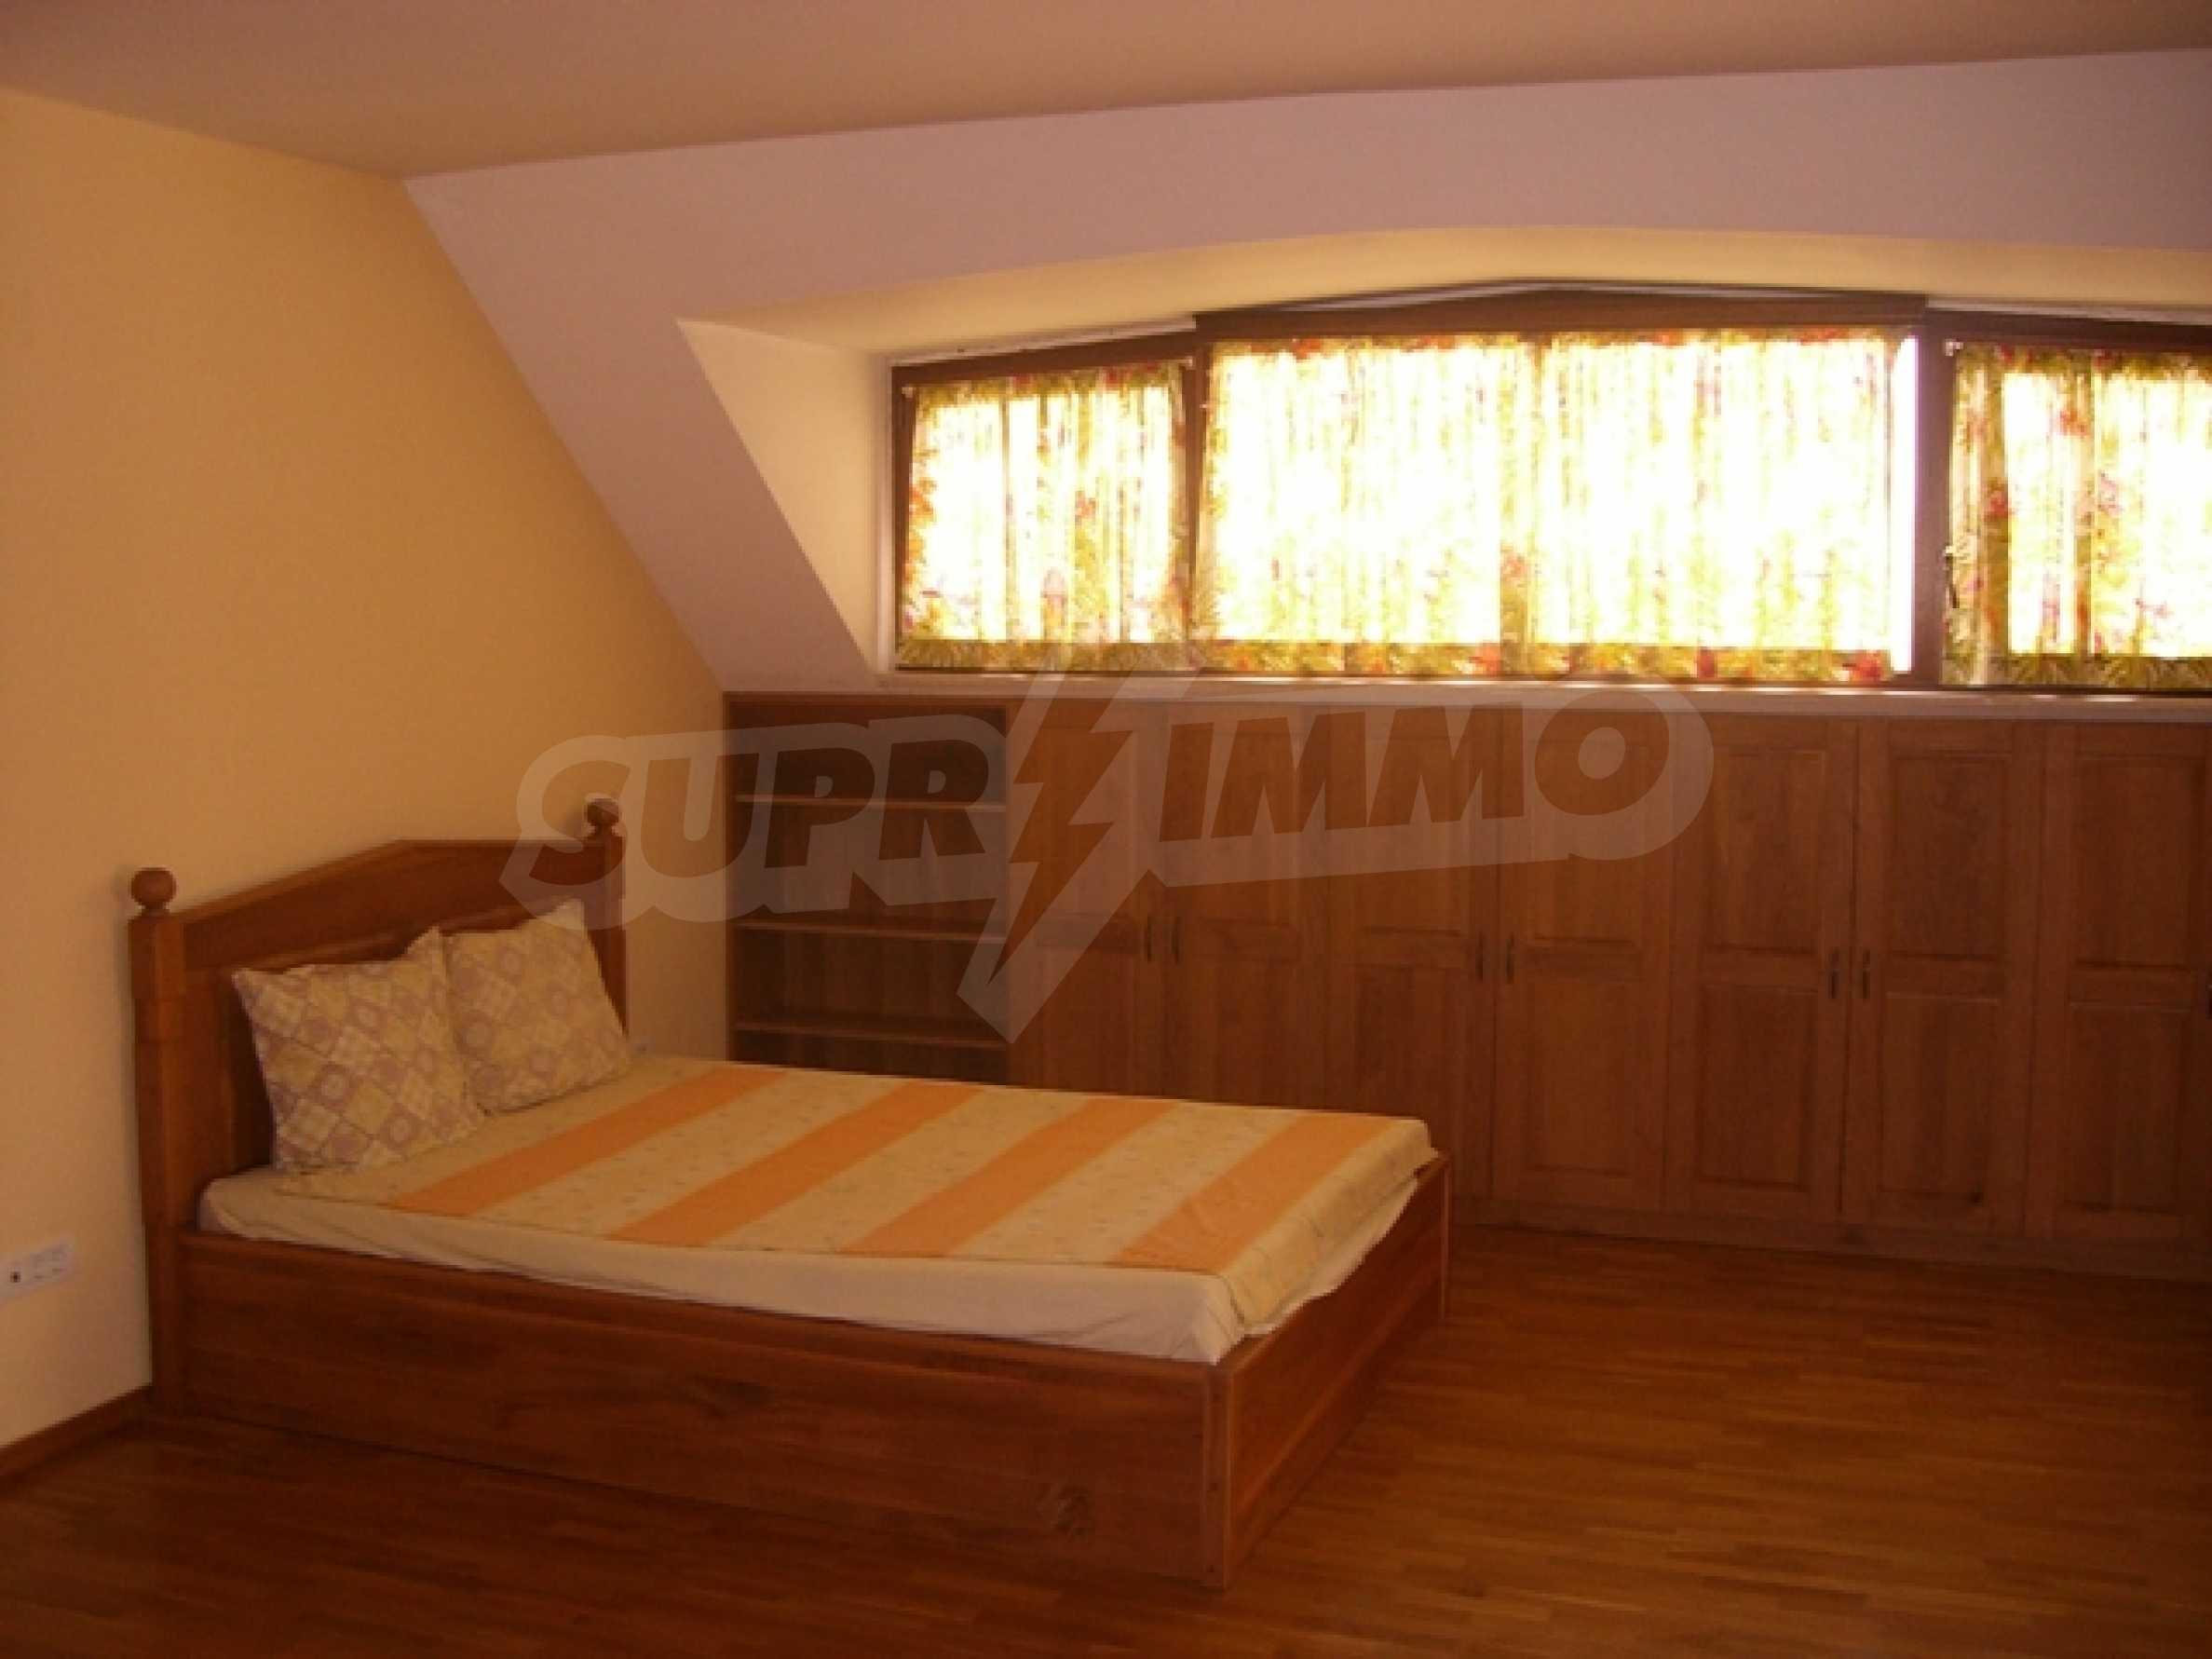 House Bulgarian Dream Home 67